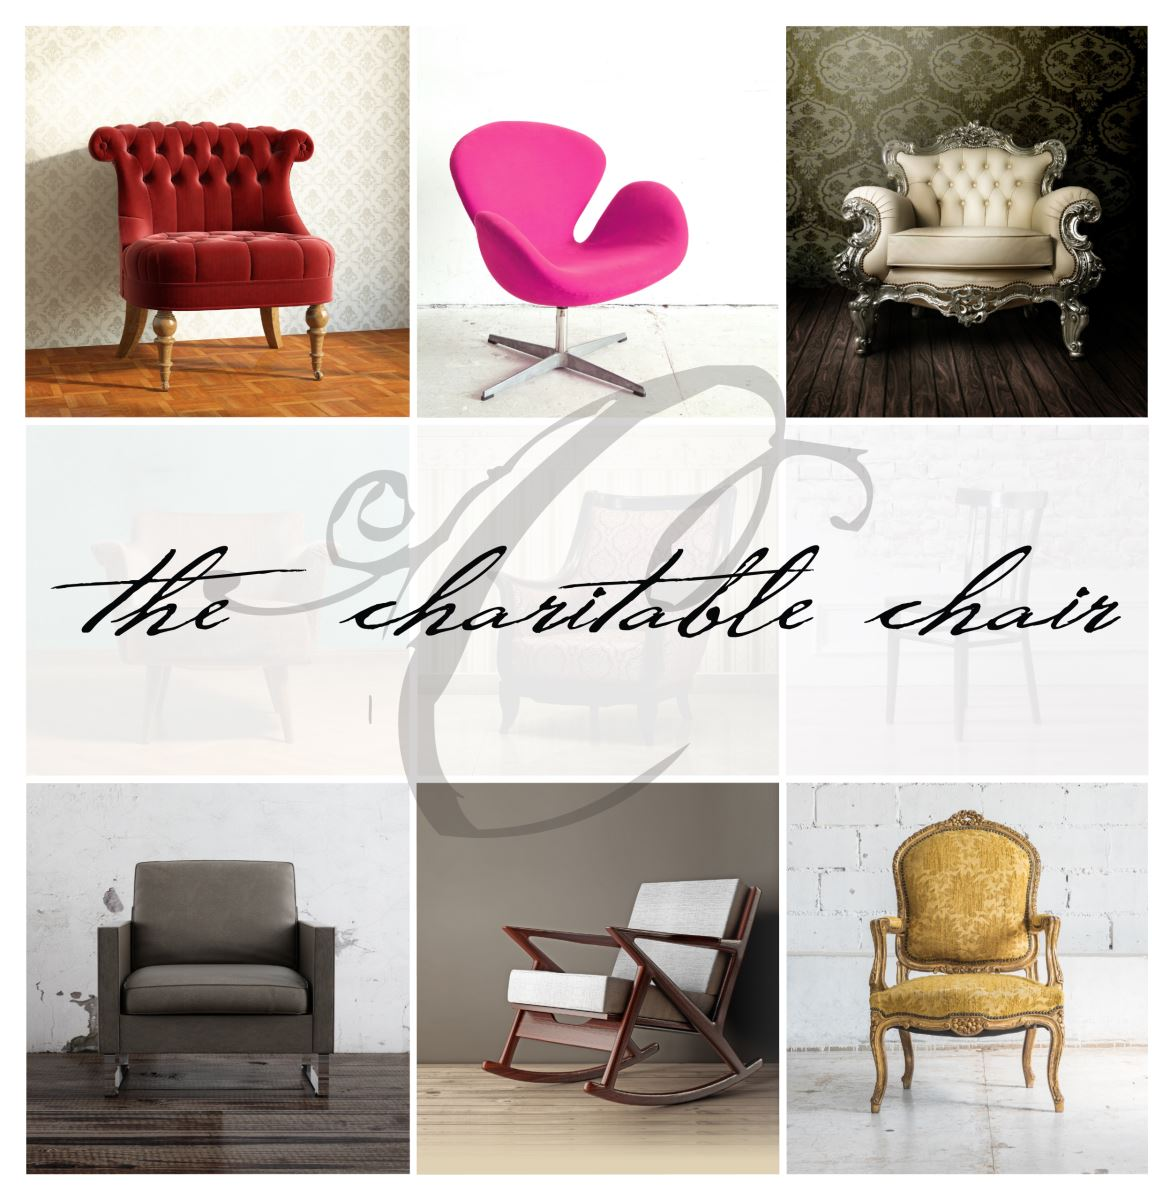 Charitable Chair